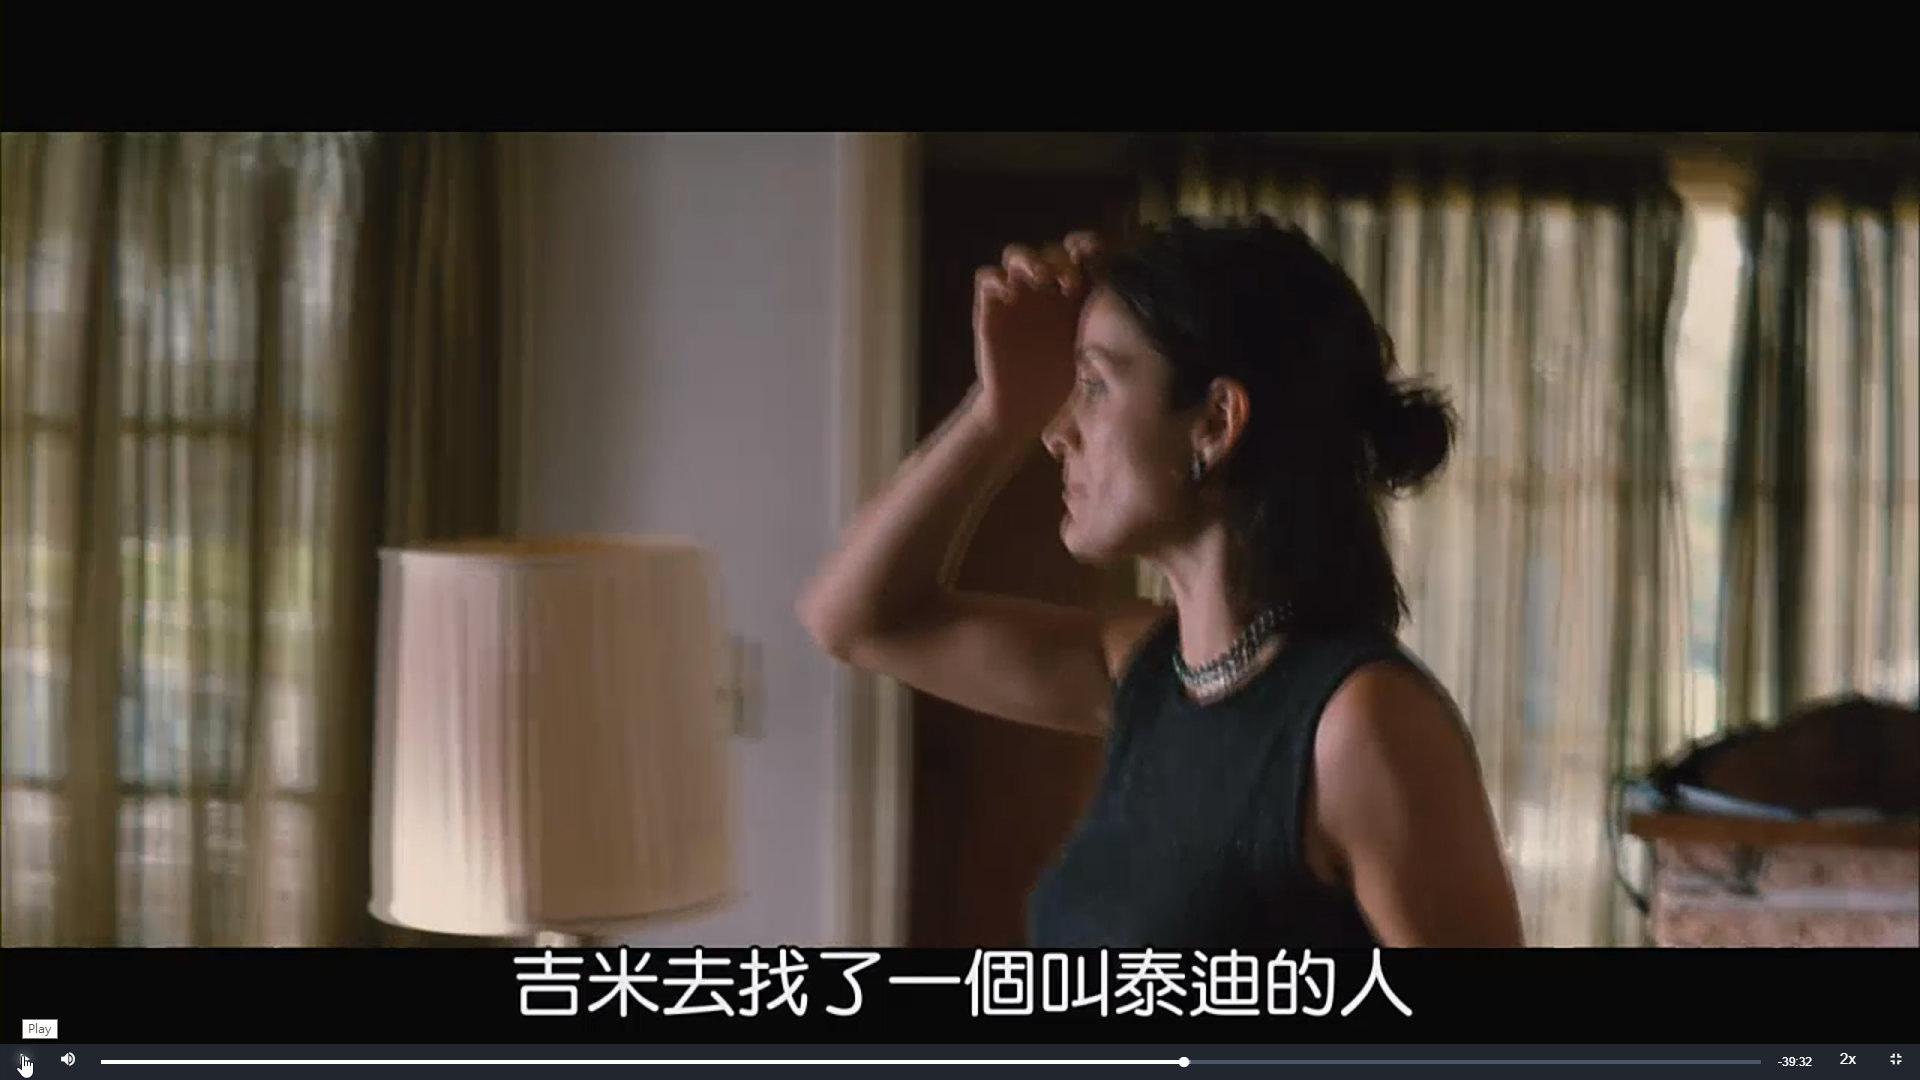 [感想] 電影-記憶拼圖 Memento (2000) 整理順序劇情&爭議討論-112.jpg